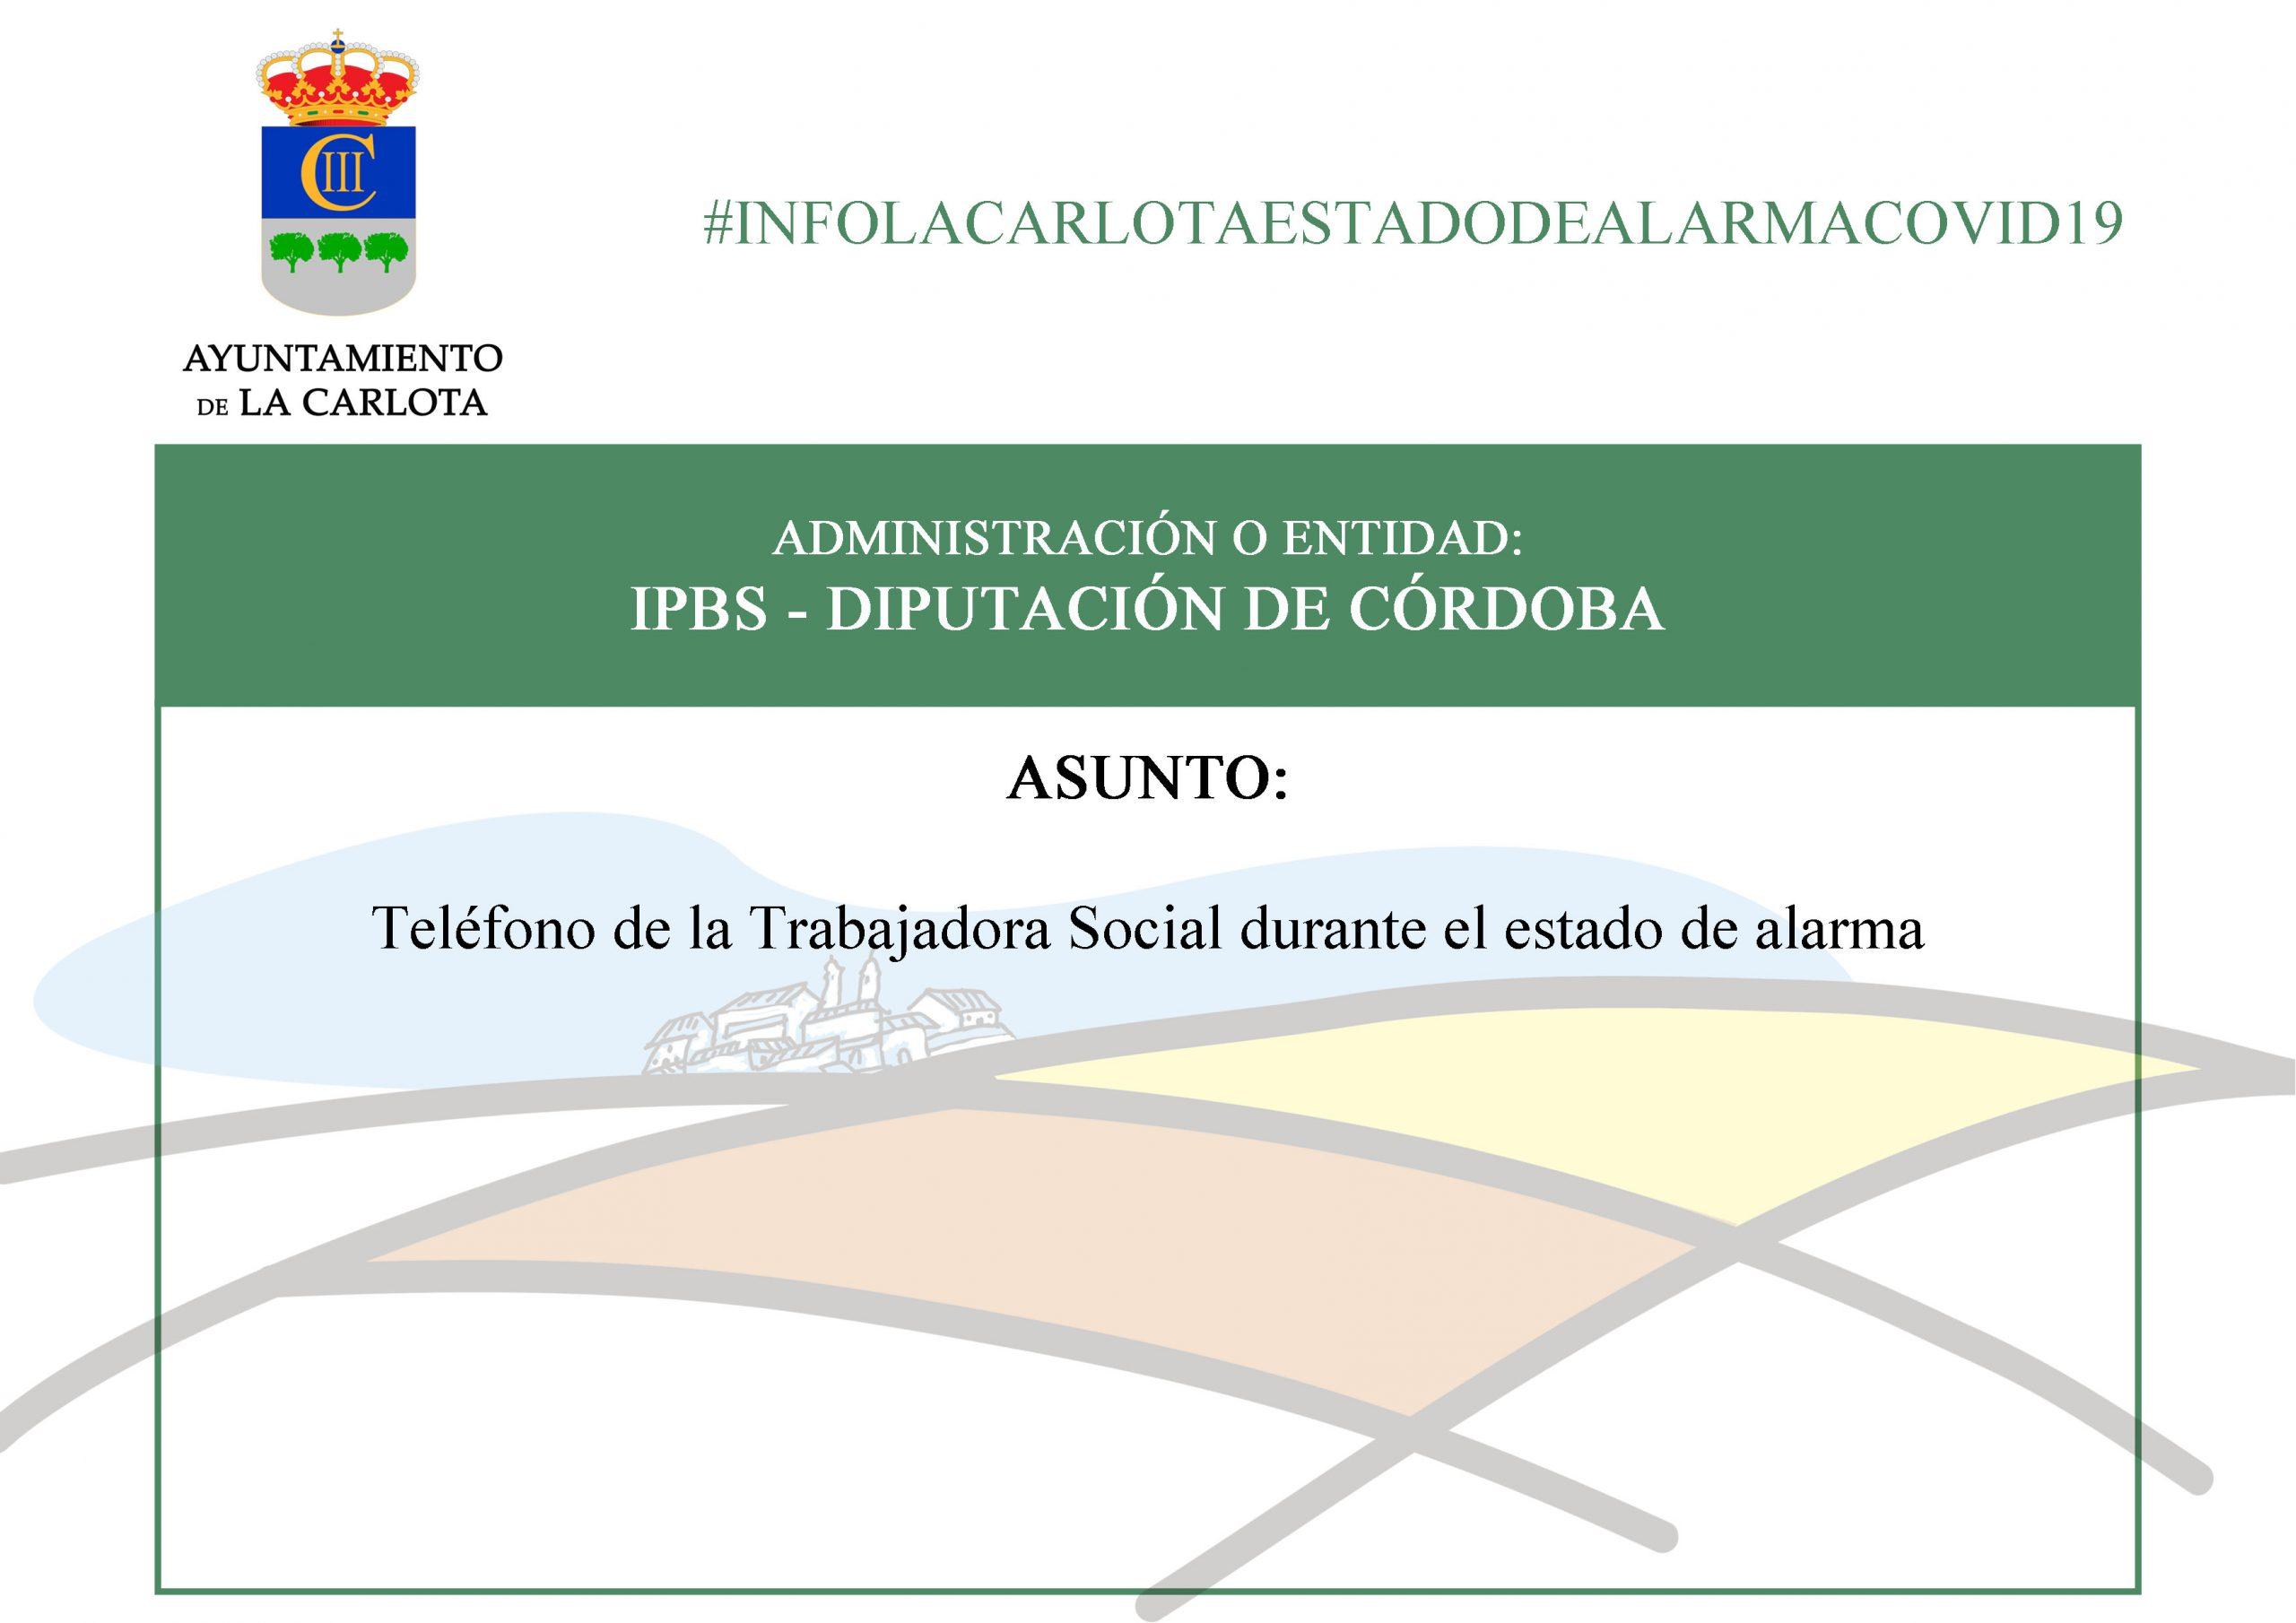 #INFOLACARLOTAESTADODEALARMACOVID19 TELÉFONO DE LA TRABAJADORA SOCIAL DURANTE EL ESTADO DE ALARMA 1